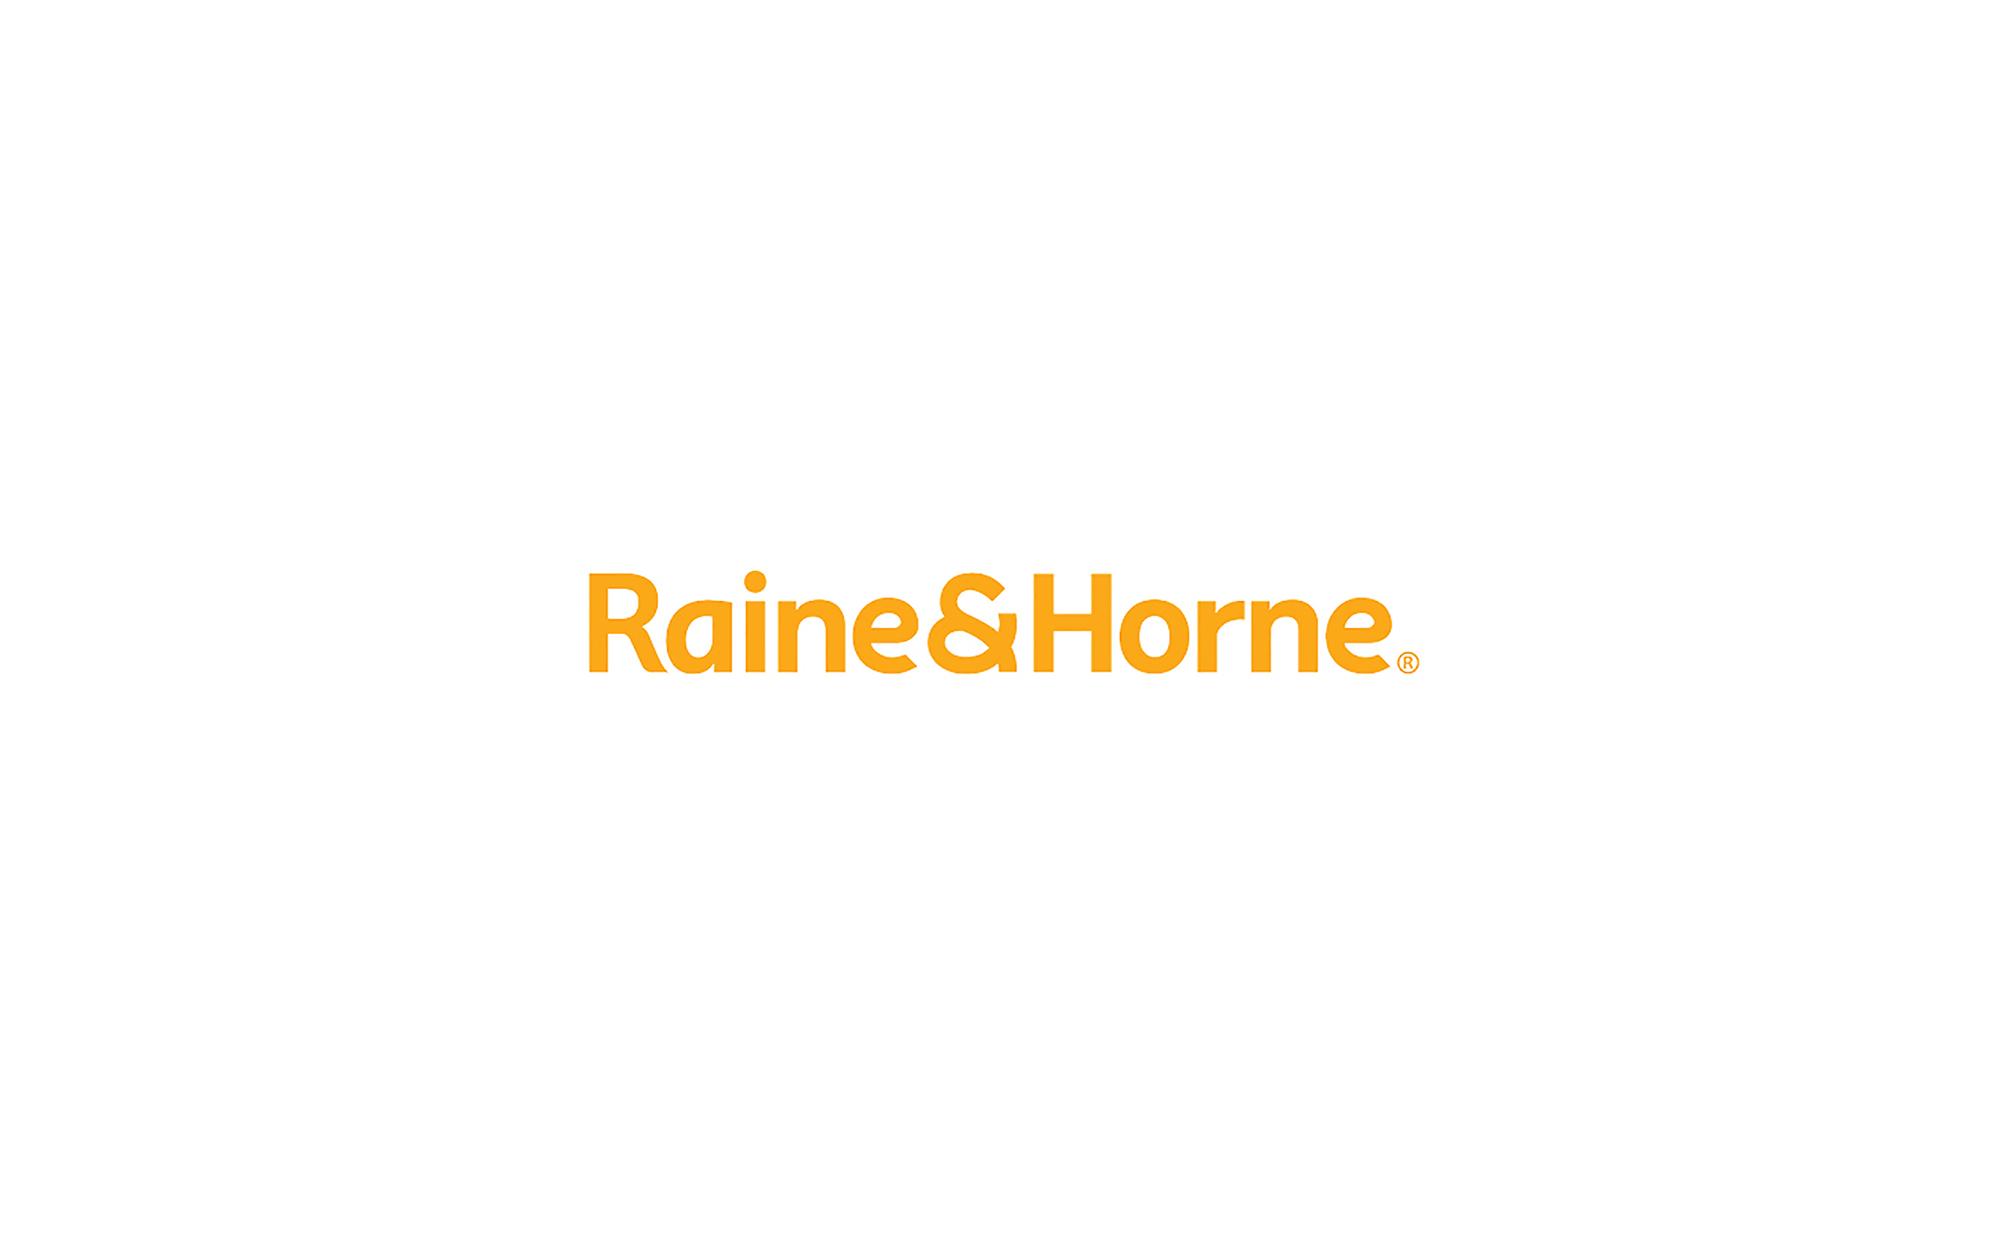 RAINE-AND-HORNE